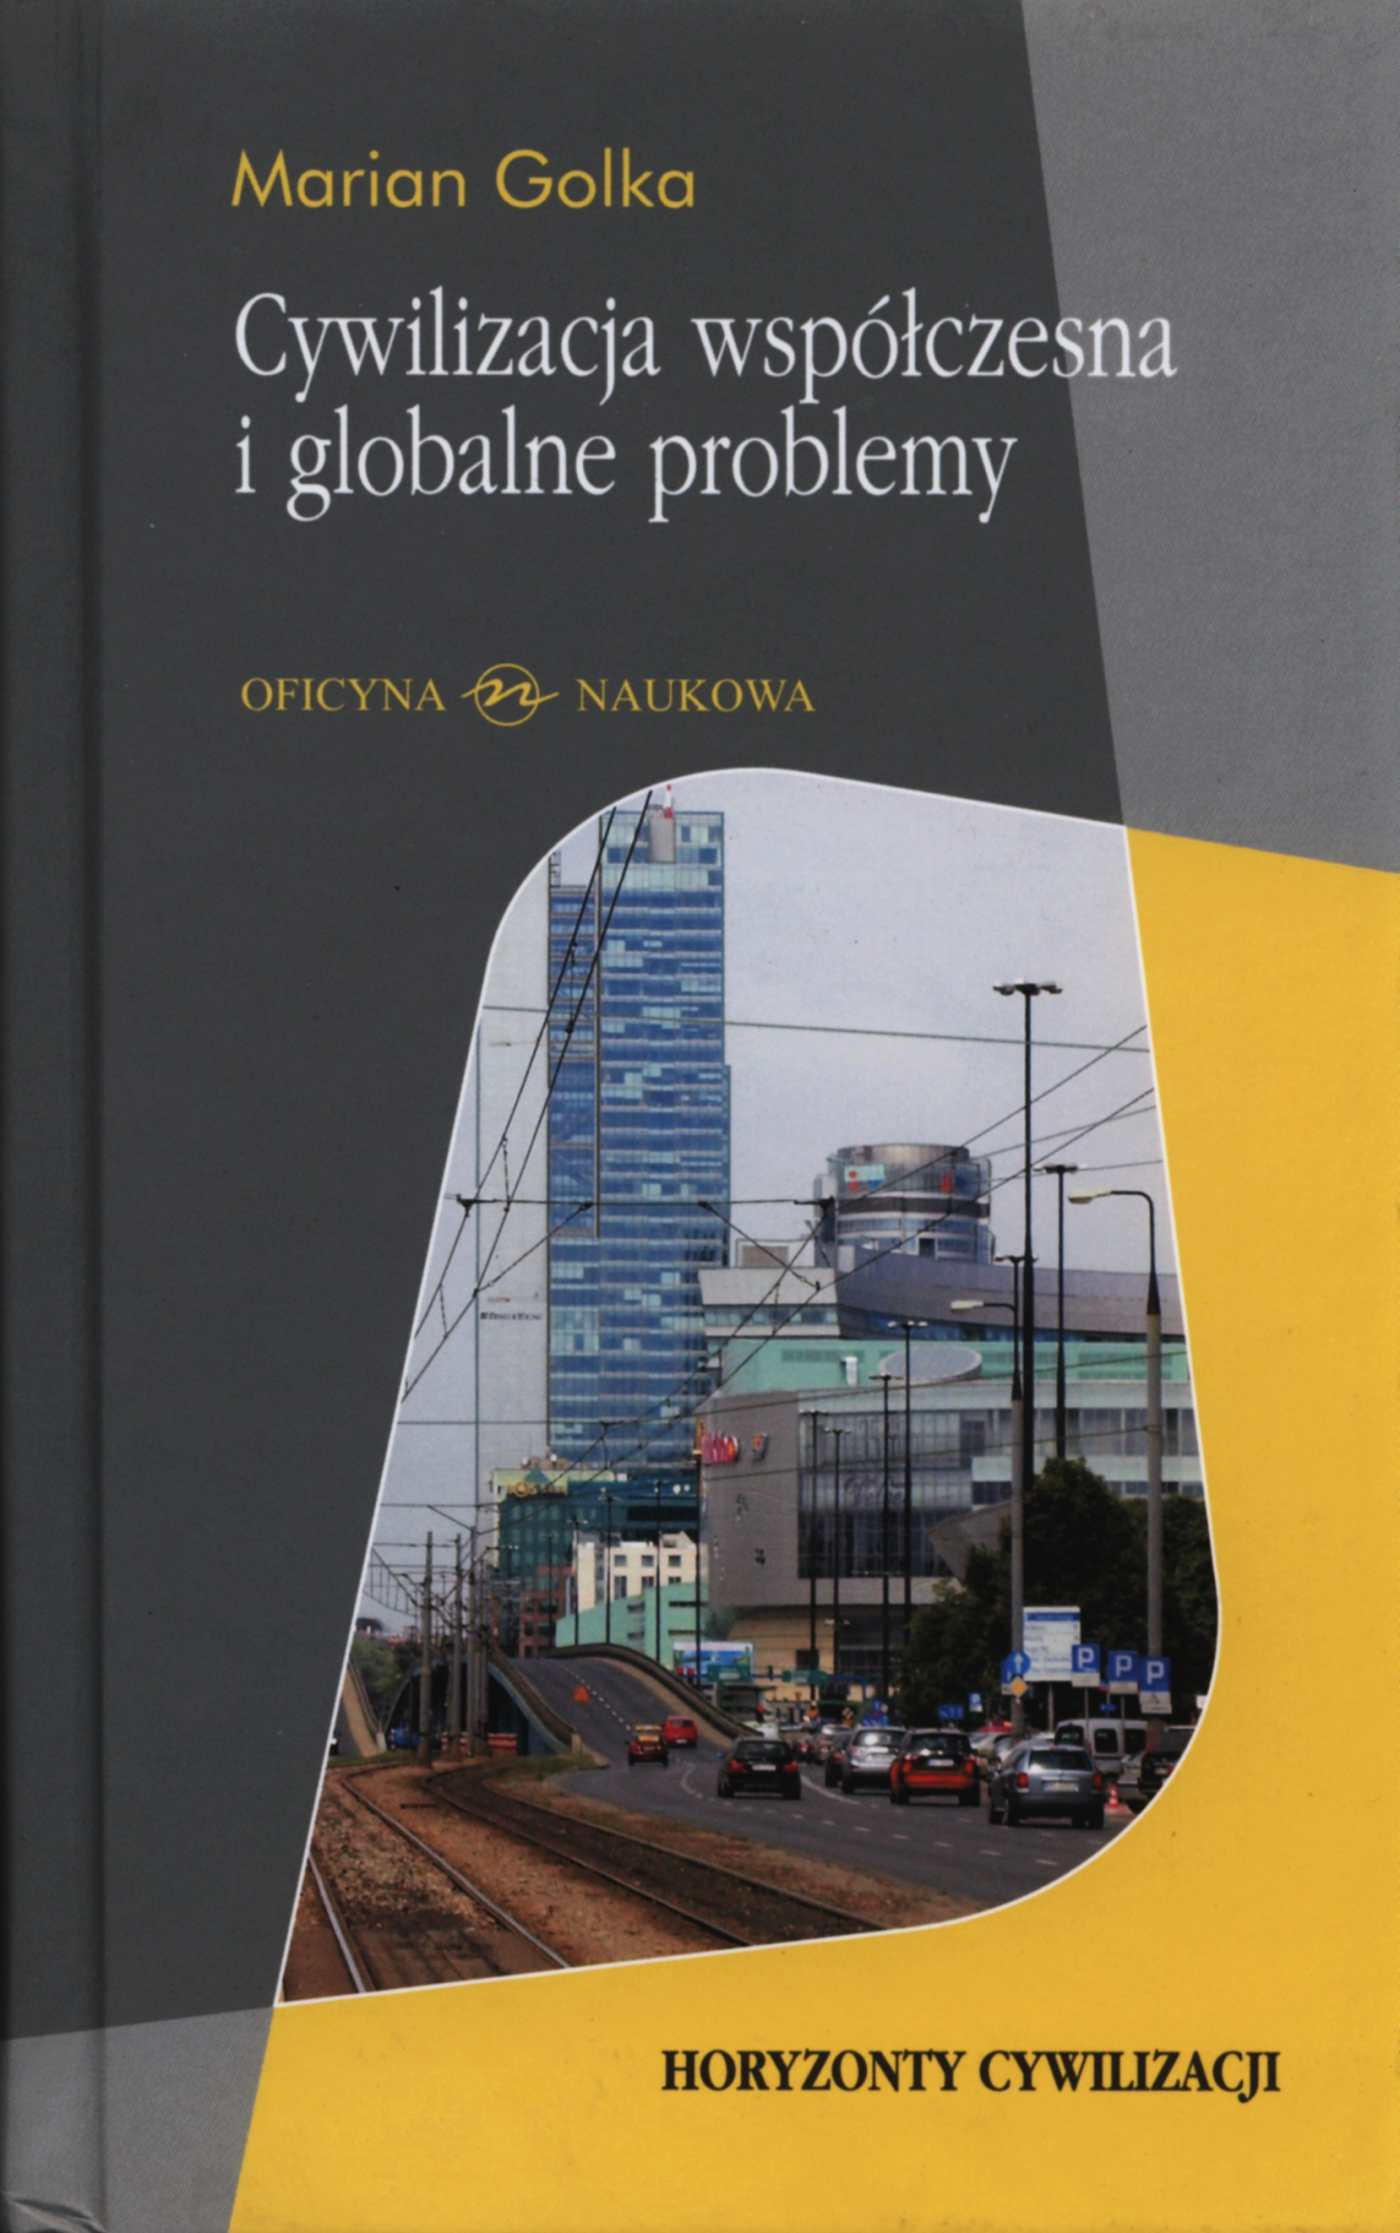 Cywilizacja współczesna i globalne problemy - Ebook (Książka PDF) do pobrania w formacie PDF